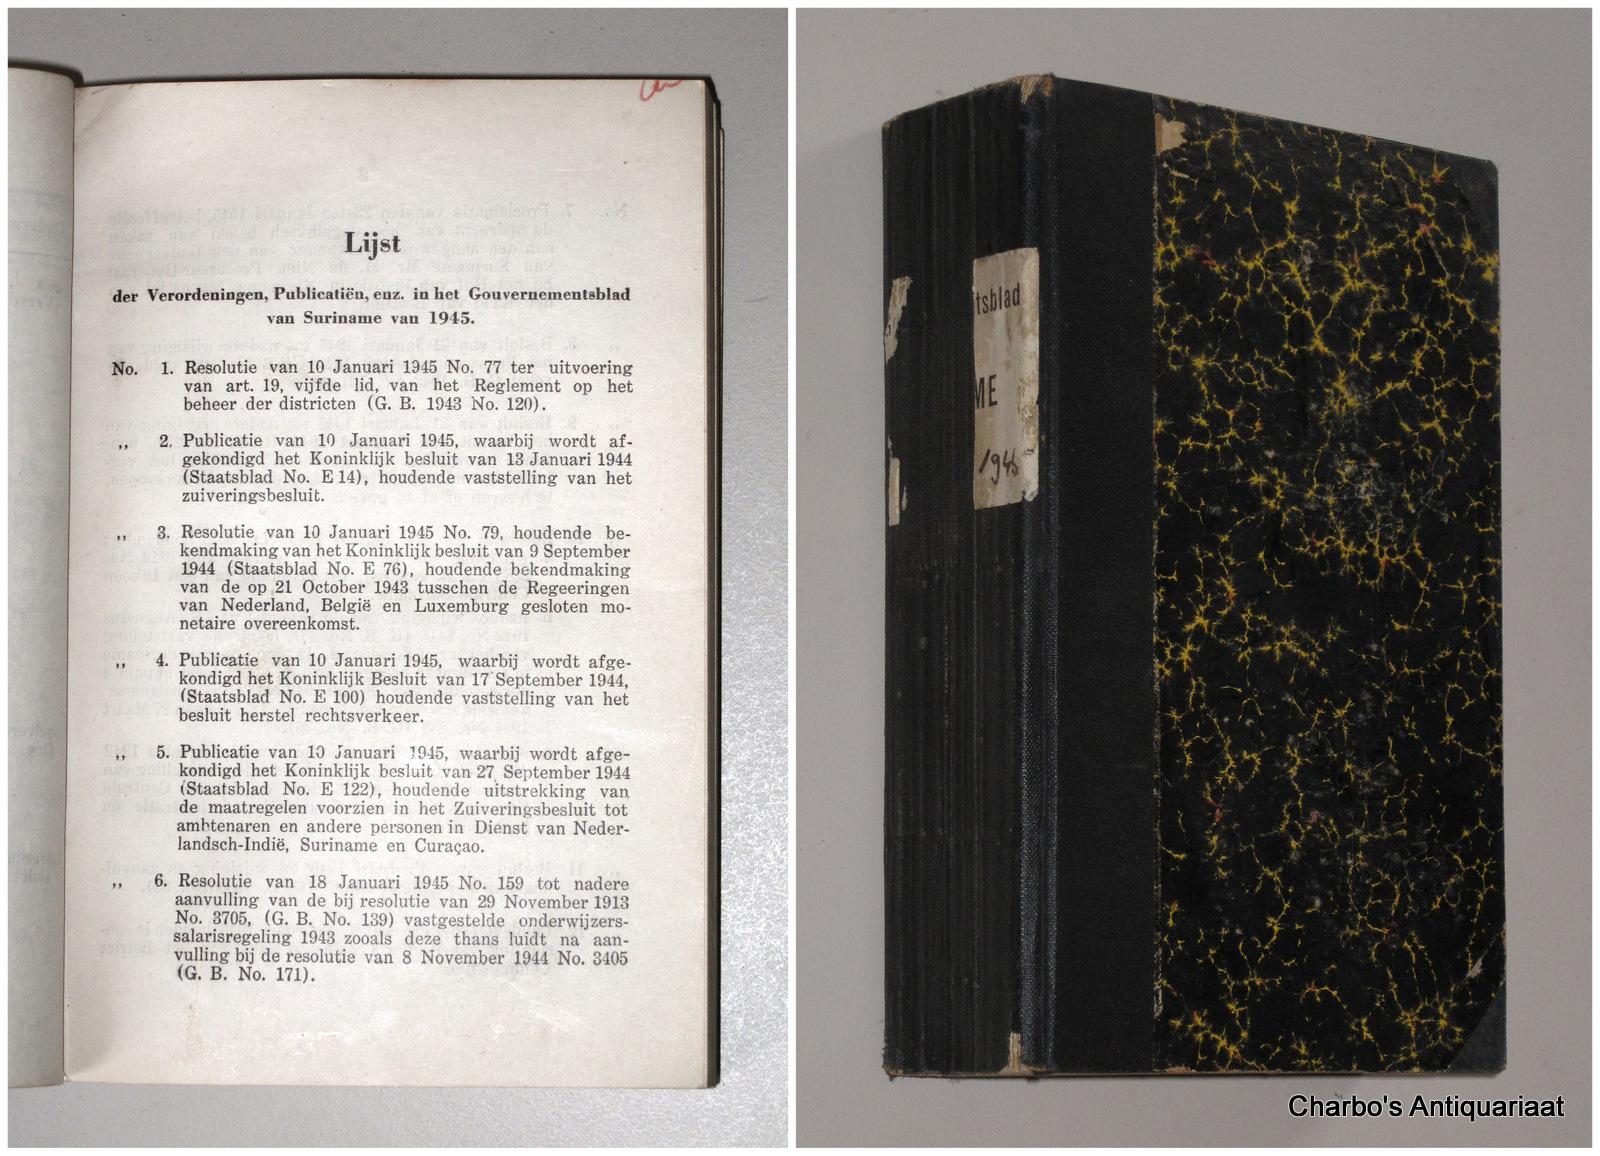 SURINAME. -  Gouvernementsblad van Suriname 1945.